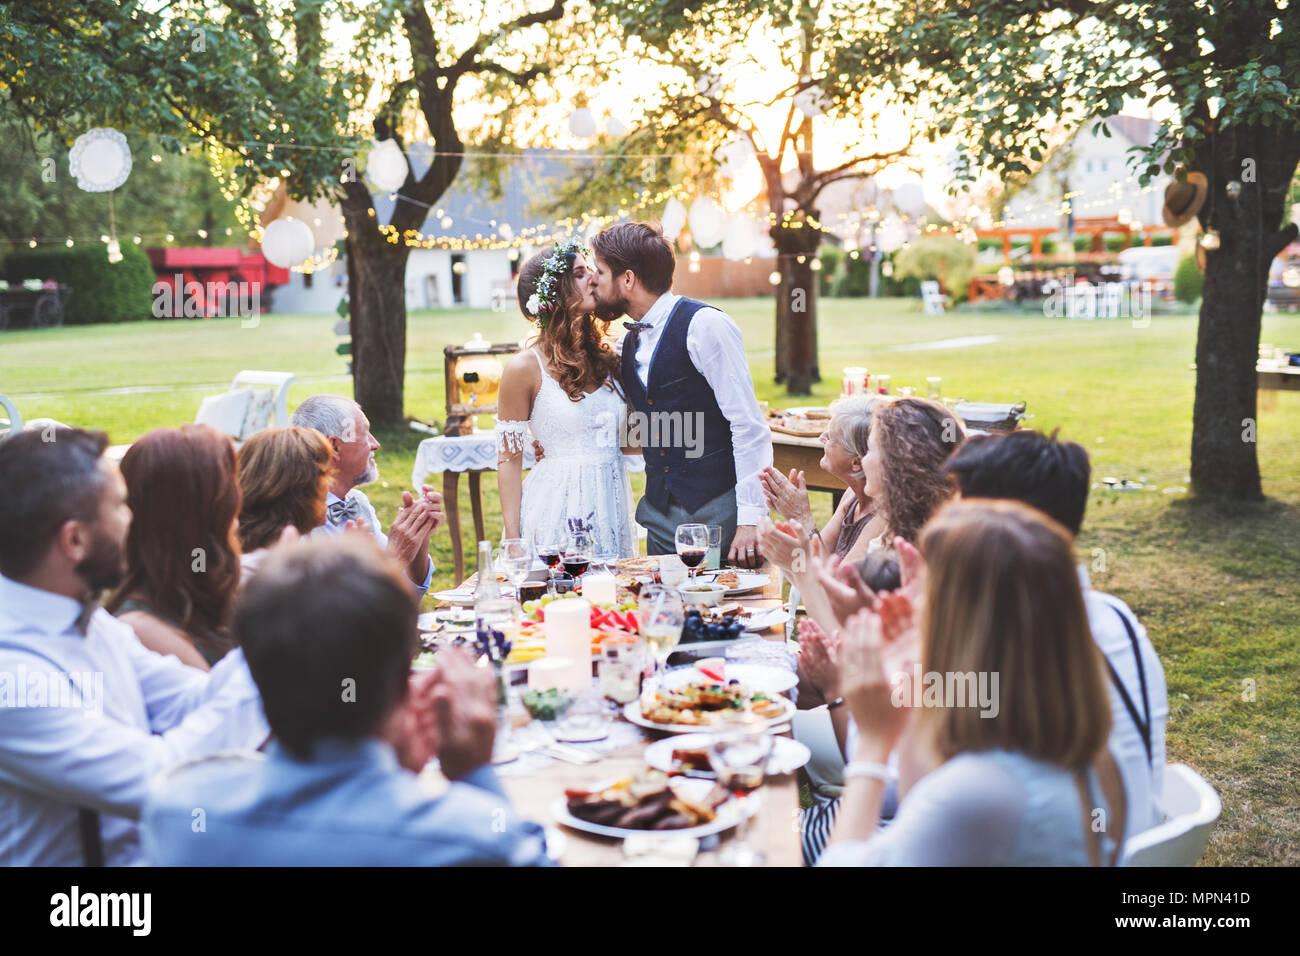 Mariée et le marié avec les clients de réception de mariage à l'extérieur dans la cour. Photo Stock